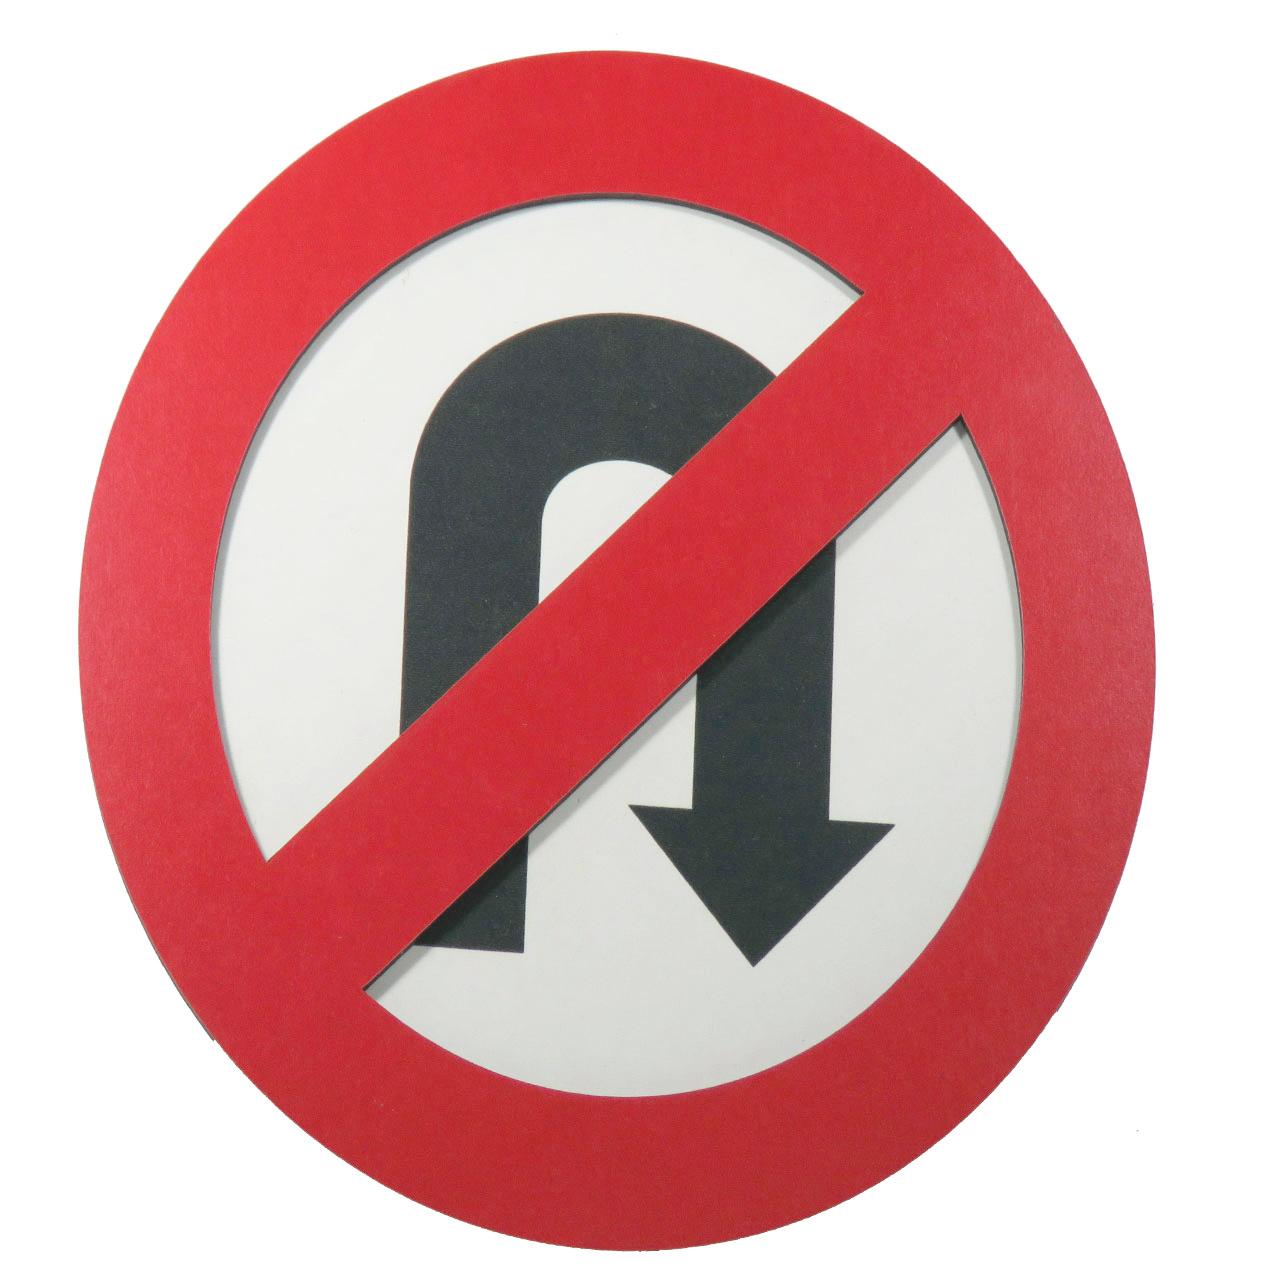 تابلو نشانگر طرح دور زدن ممنوع کد003